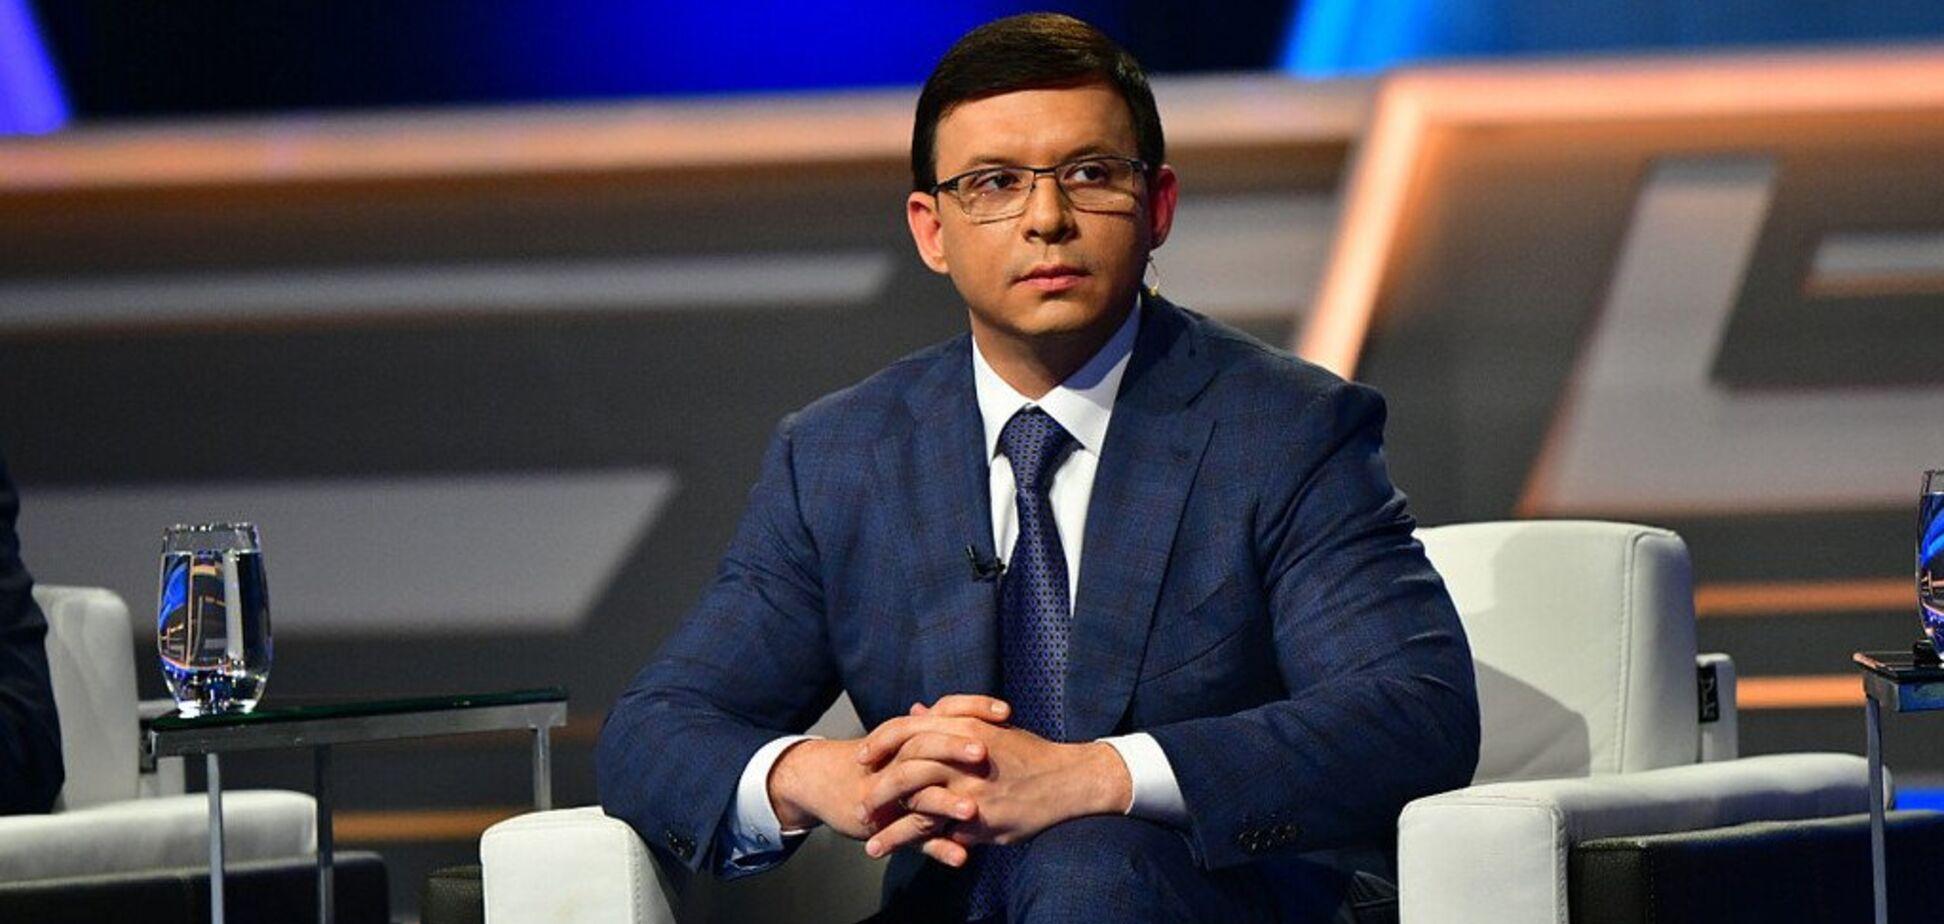 'Путин головного мозга!' Нацсовет взялся за канал Мураева: он жестко отреагировал